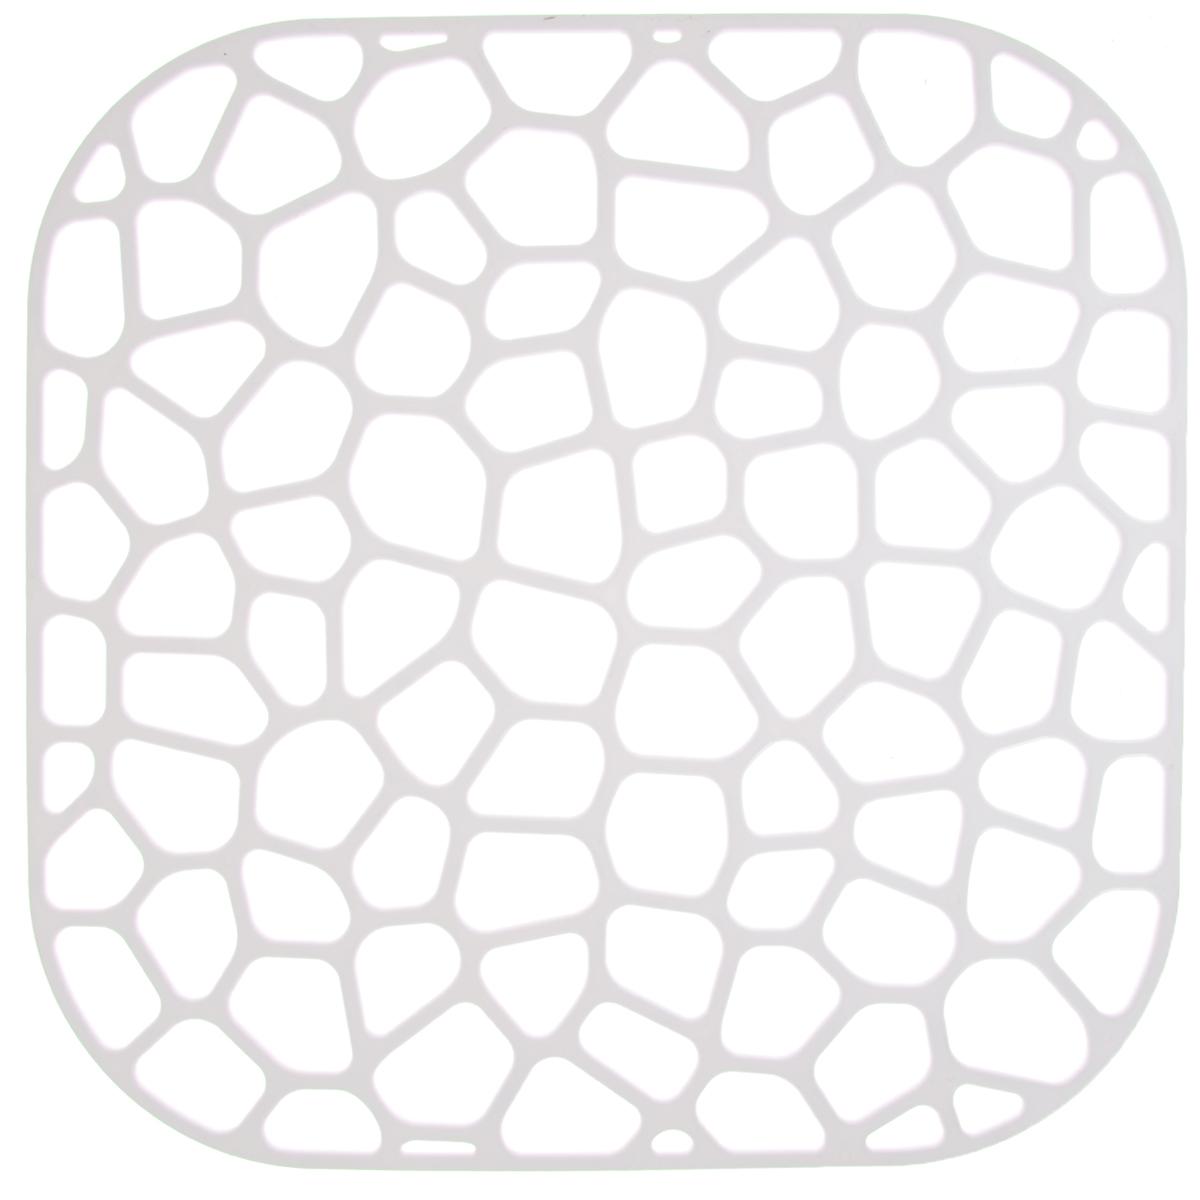 Коврик для раковины Idea, цвет: белый, 30 х 30 смМ 1151_белыйКоврик для раковины Idea изготовлен из полипропилена (пластик). Изделие одновременно выполняет несколько функций: украшает, предотвращает появление на раковине царапин и сколов, защищает посуду от повреждений при падении в раковину, удерживает мусор, попадание которого в слив приводит к засорам. Изделие также обладает противоскользящим эффектом и может использоваться в качестве подставки для сушки чистой посуды. Легко очищается от грязи и жира.